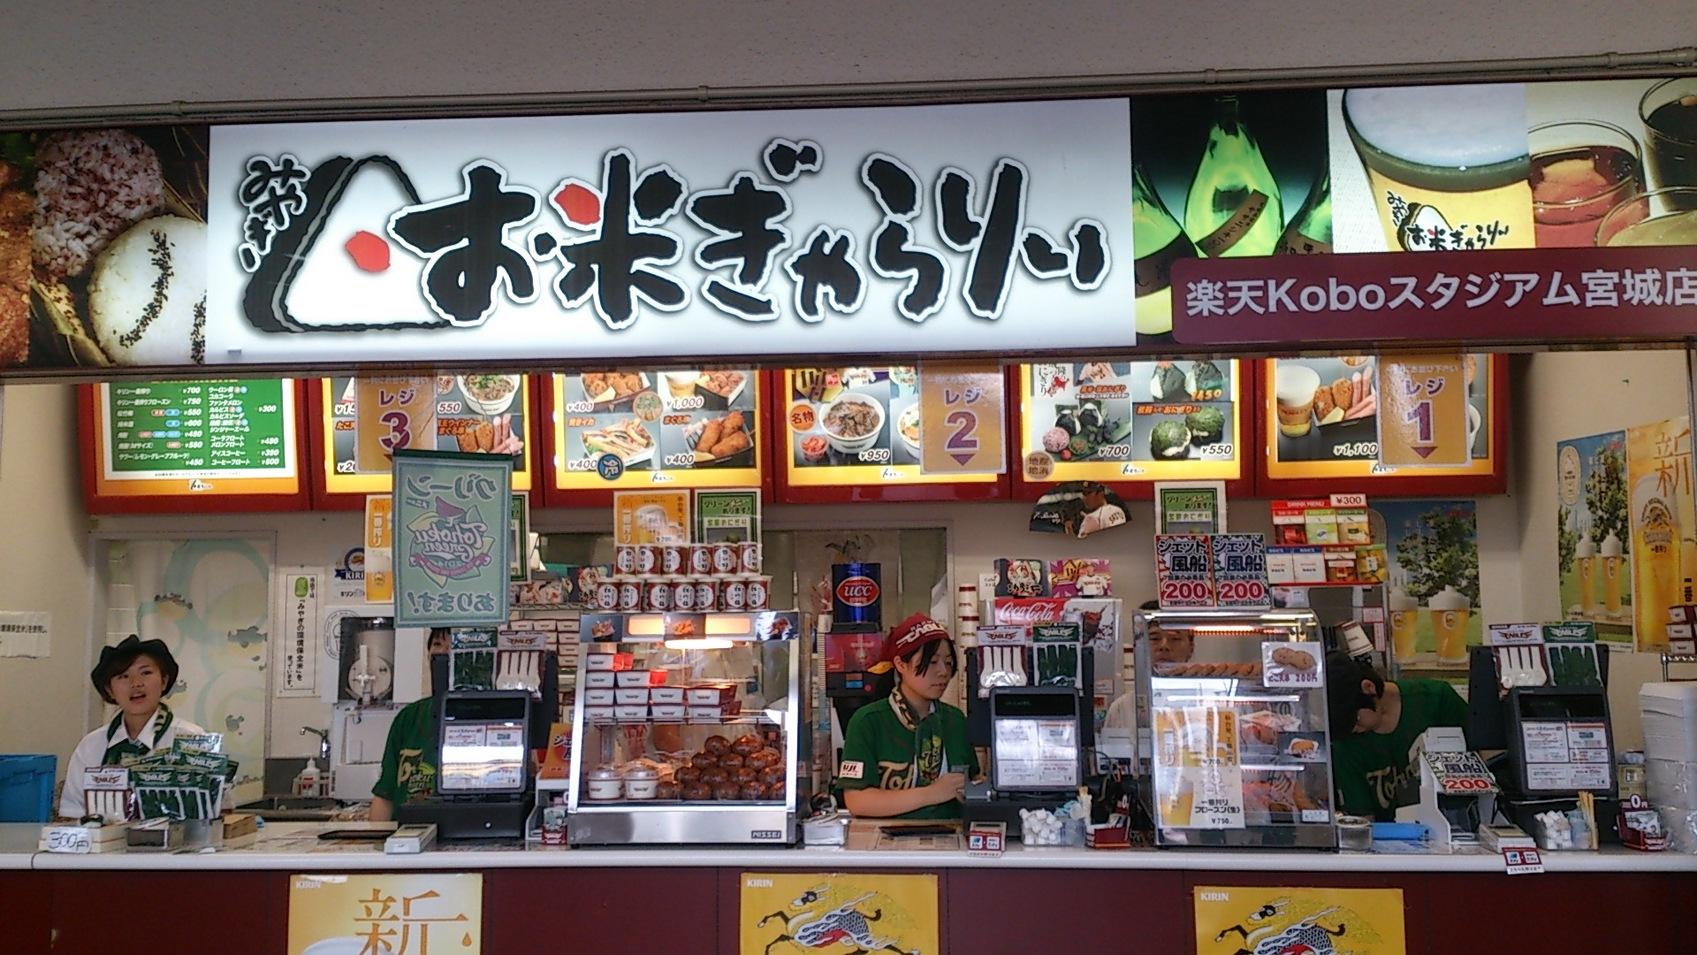 お米ぎゃらりぃ 楽天Koboスタジアム宮城店